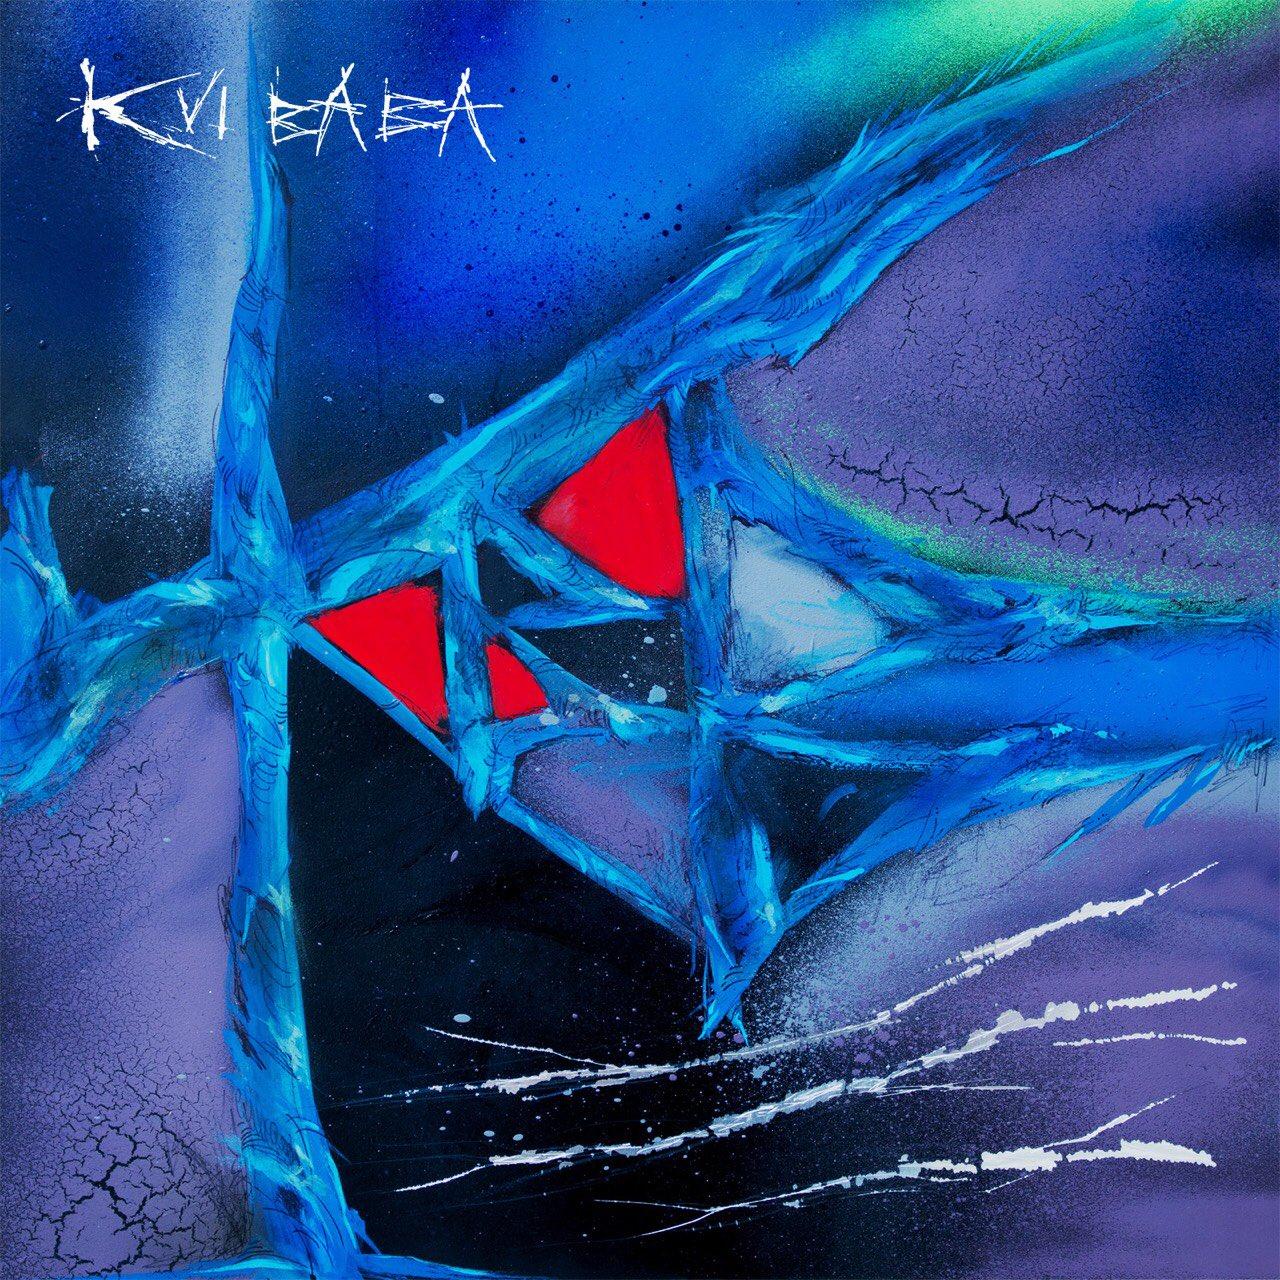 【新曲】Kvi Baba の Life is Short